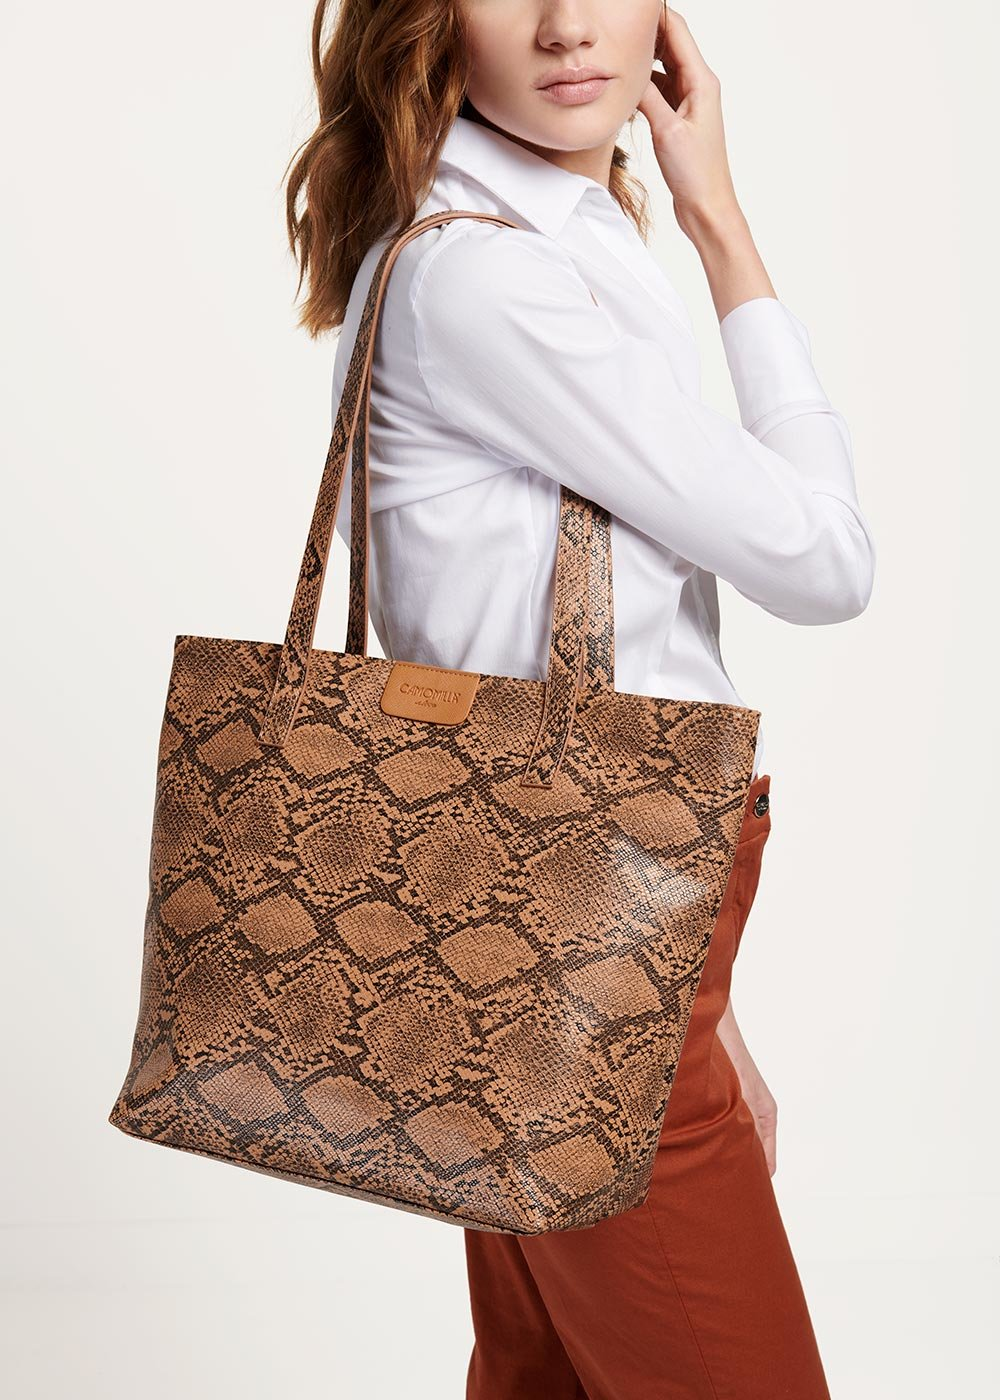 Shopping bag Badiax - Suolo Animalier - Donna